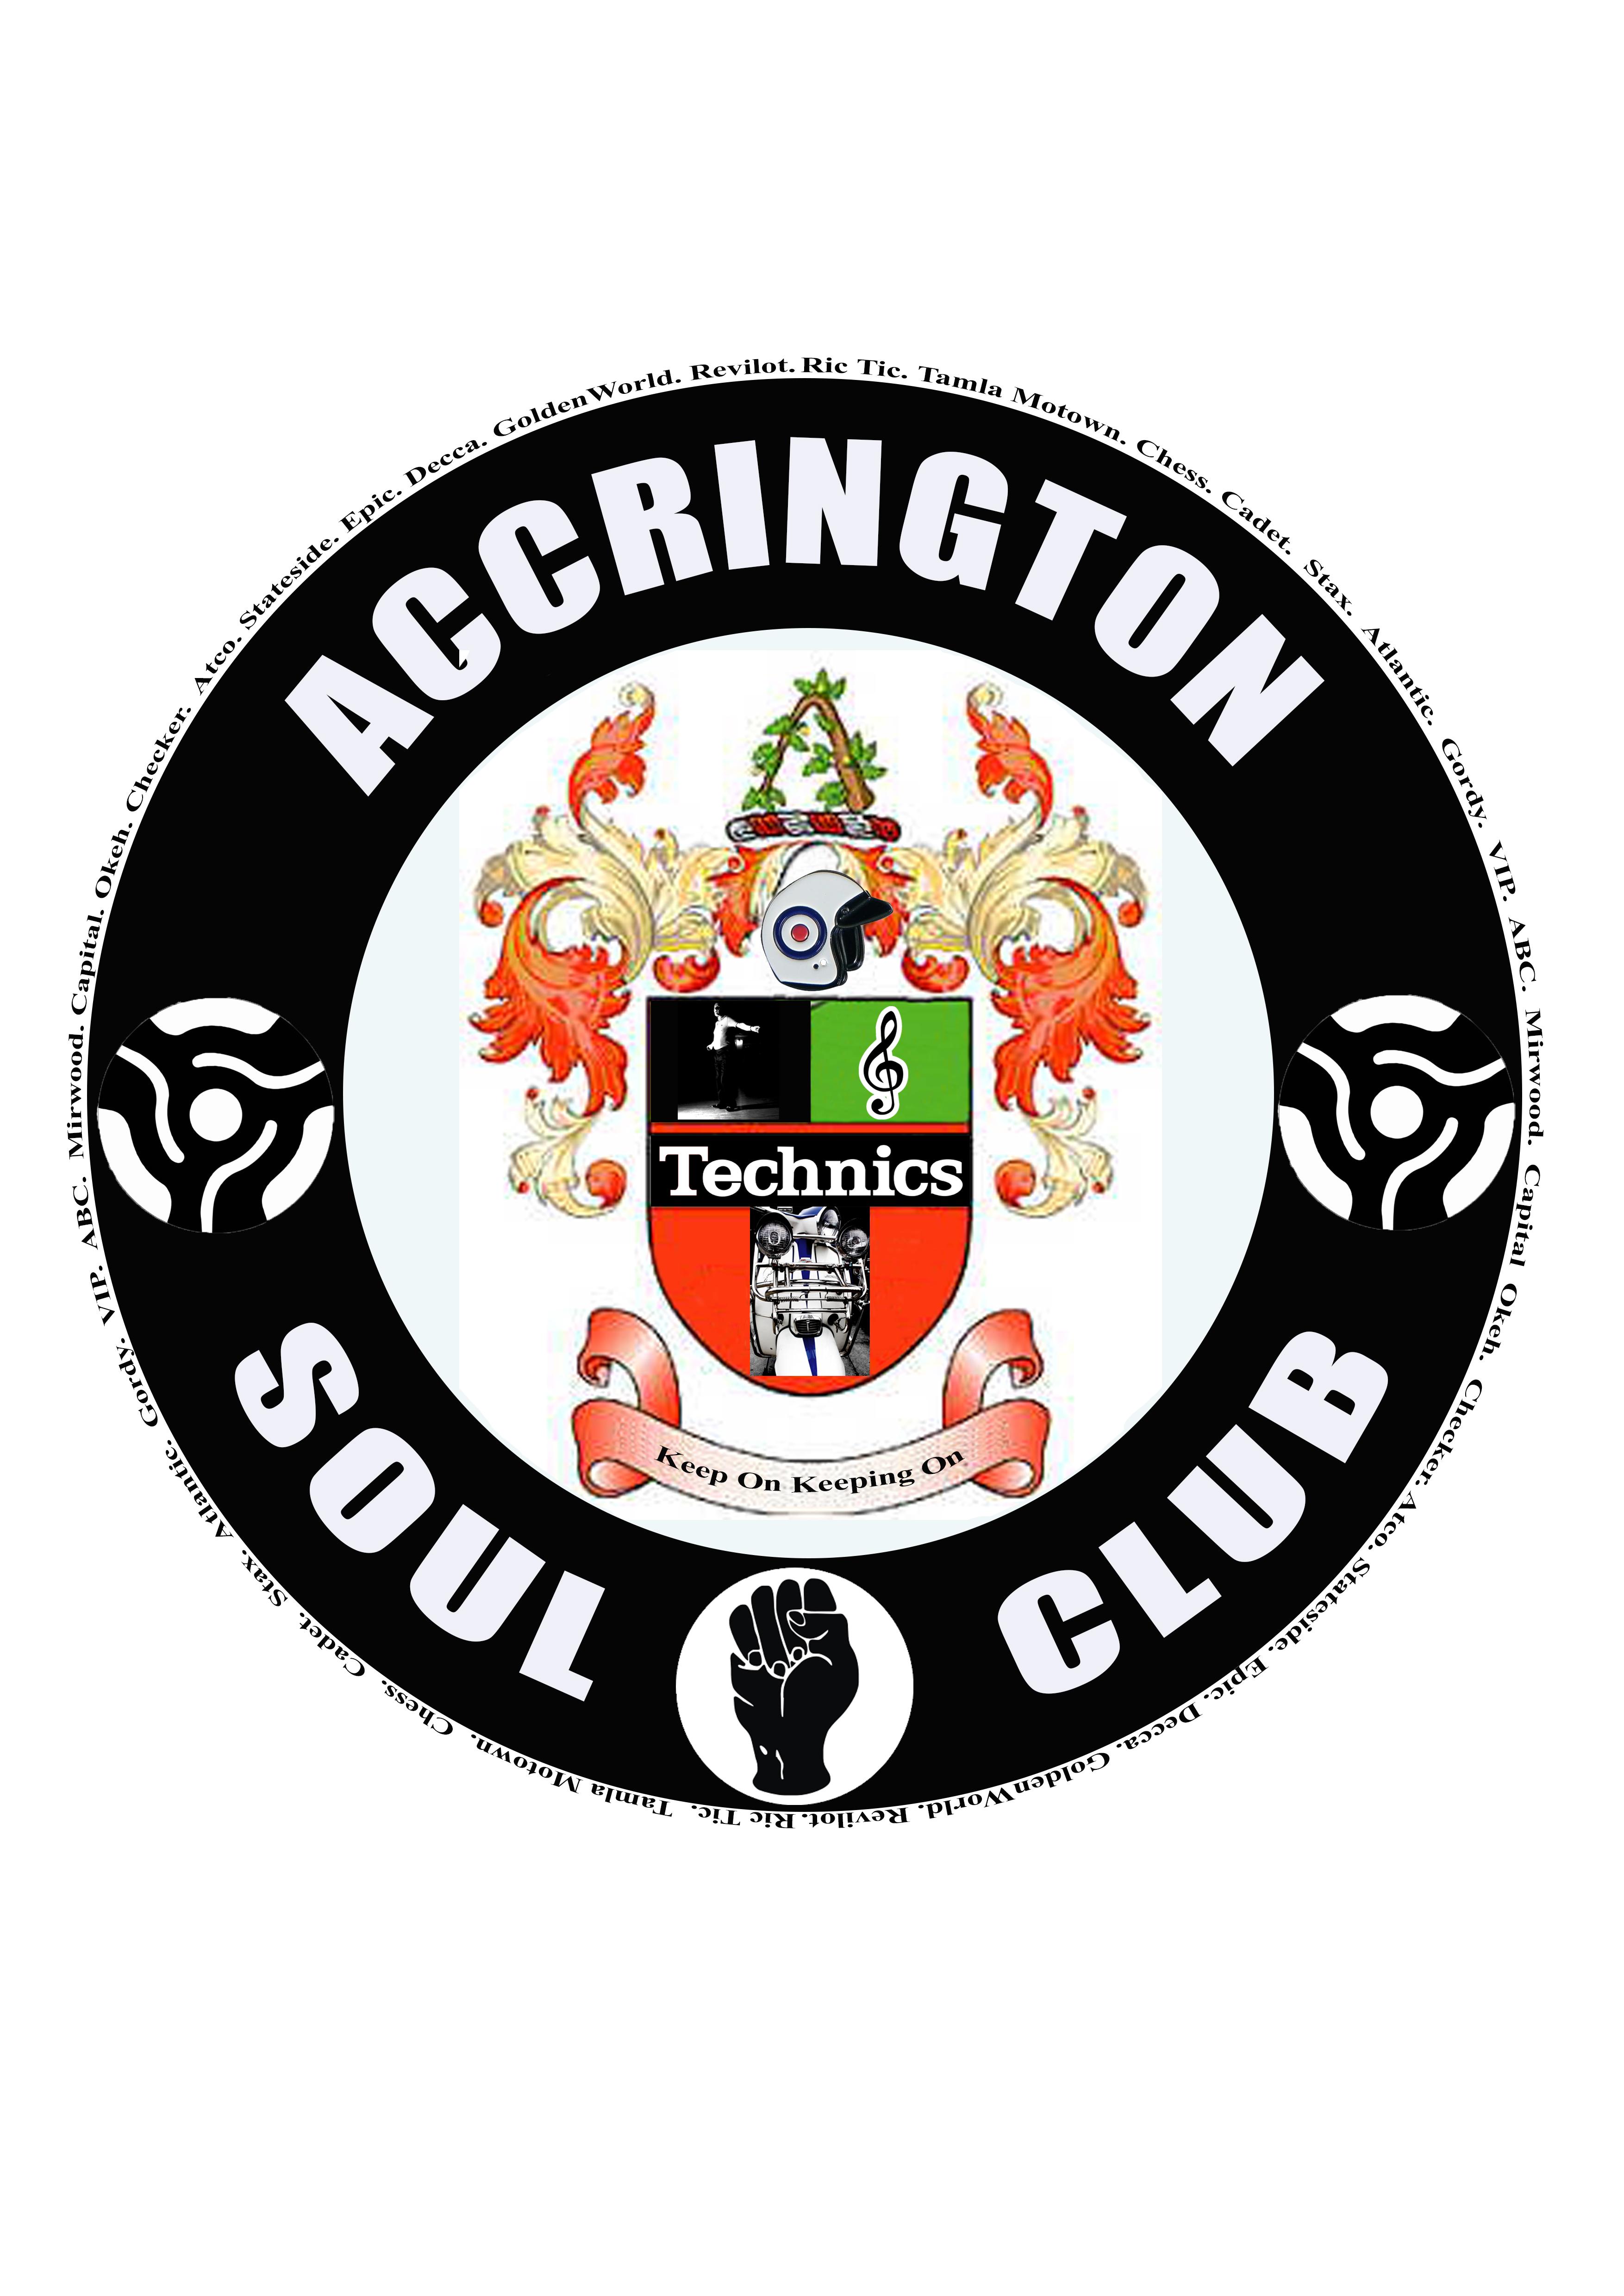 Accrington Soul Club flyer